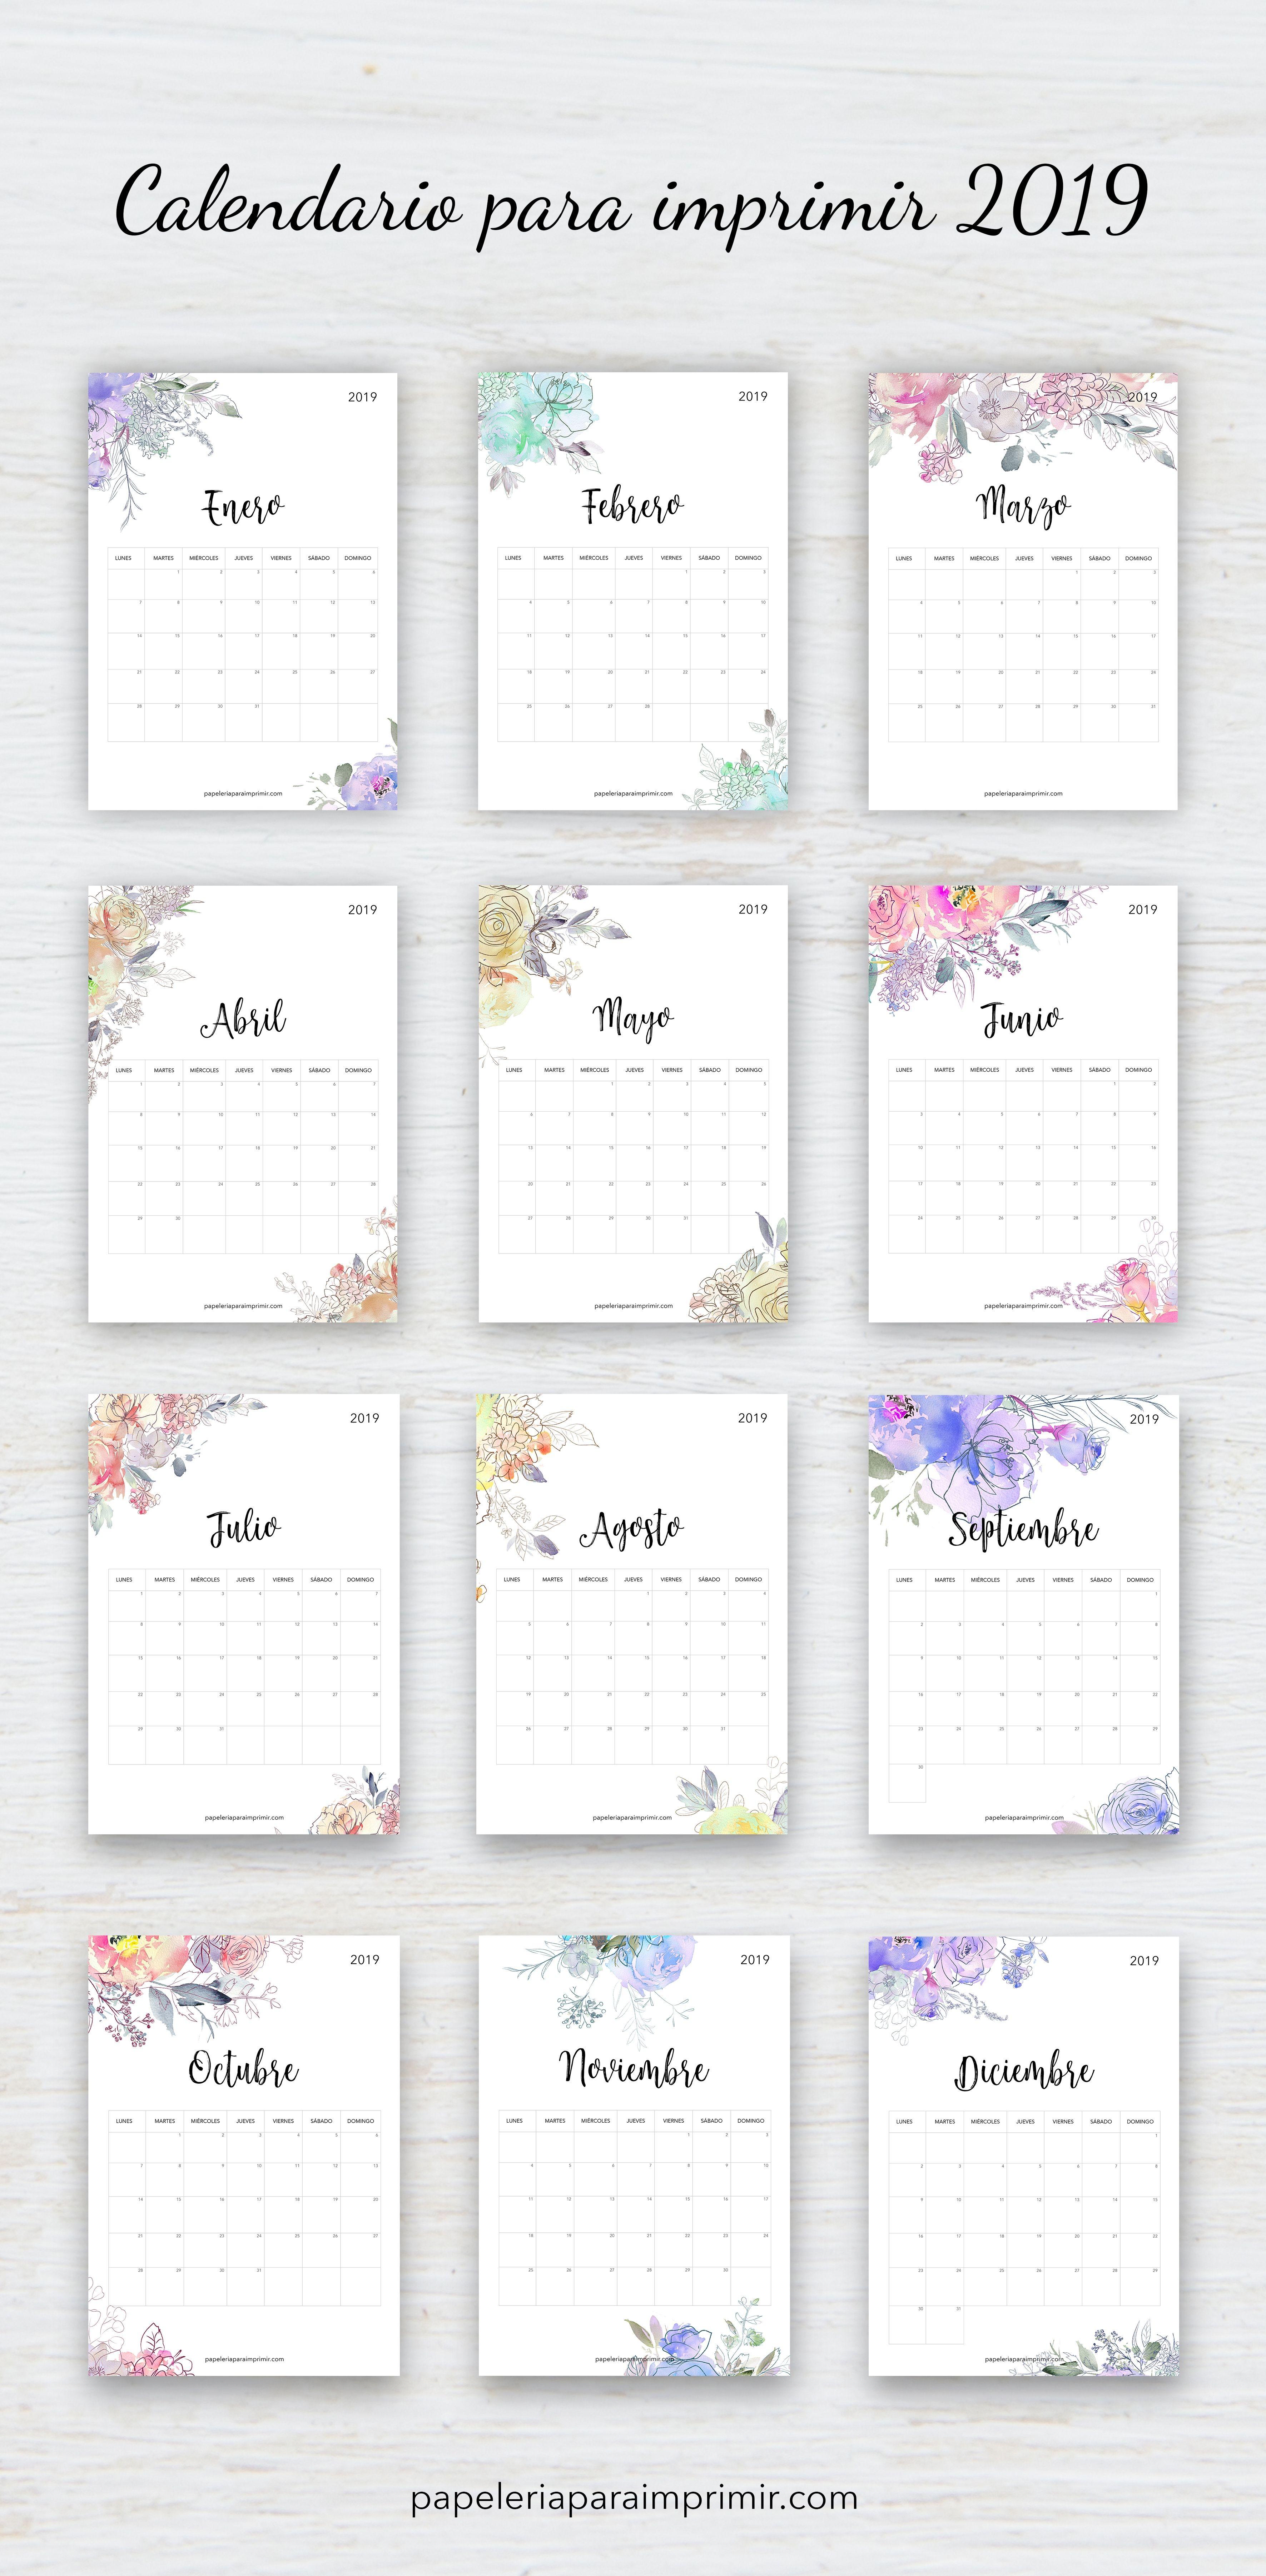 Calendario Imprimir 2017 Por Meses Mejores Y Más Novedosos soraya Del Rey sorayadelreyestudio En Pinterest Of Calendario Imprimir 2017 Por Meses Más Reciente Melani Melashi161 On Pinterest